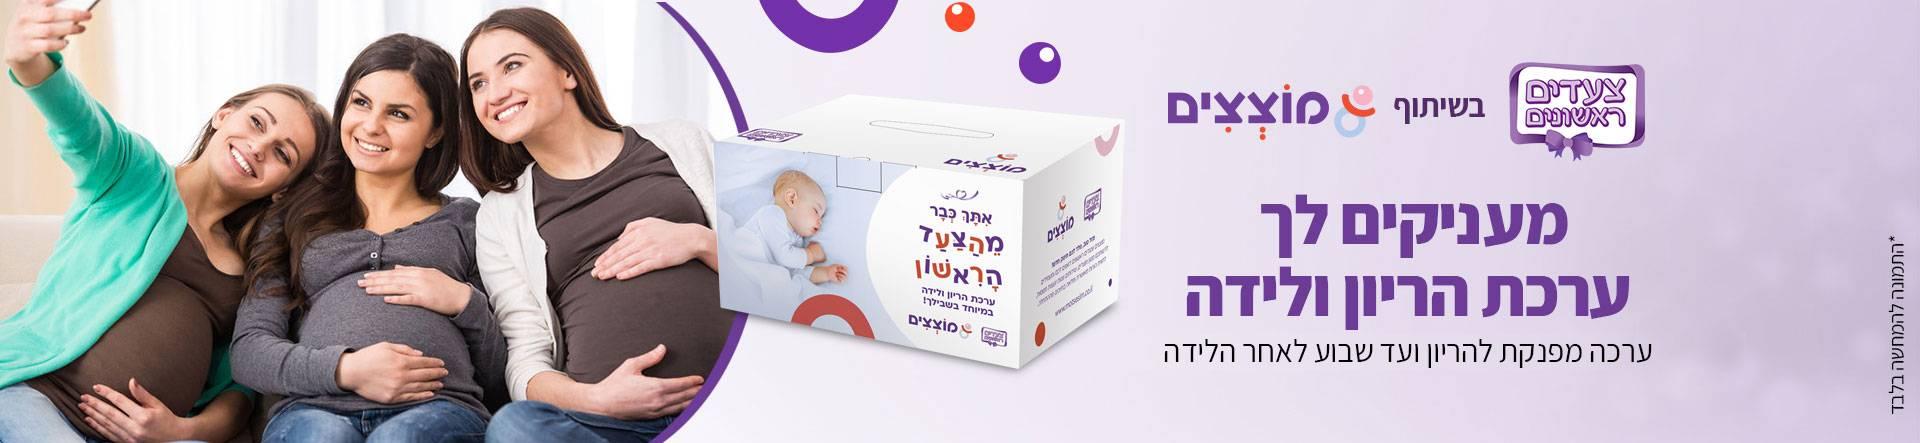 צעדים ראשונים בשיתוף מוצצים מעניקים לך ערכת הריון ולידה - ערכה מפנקת להריון ועד שבוע לאחר הלידה